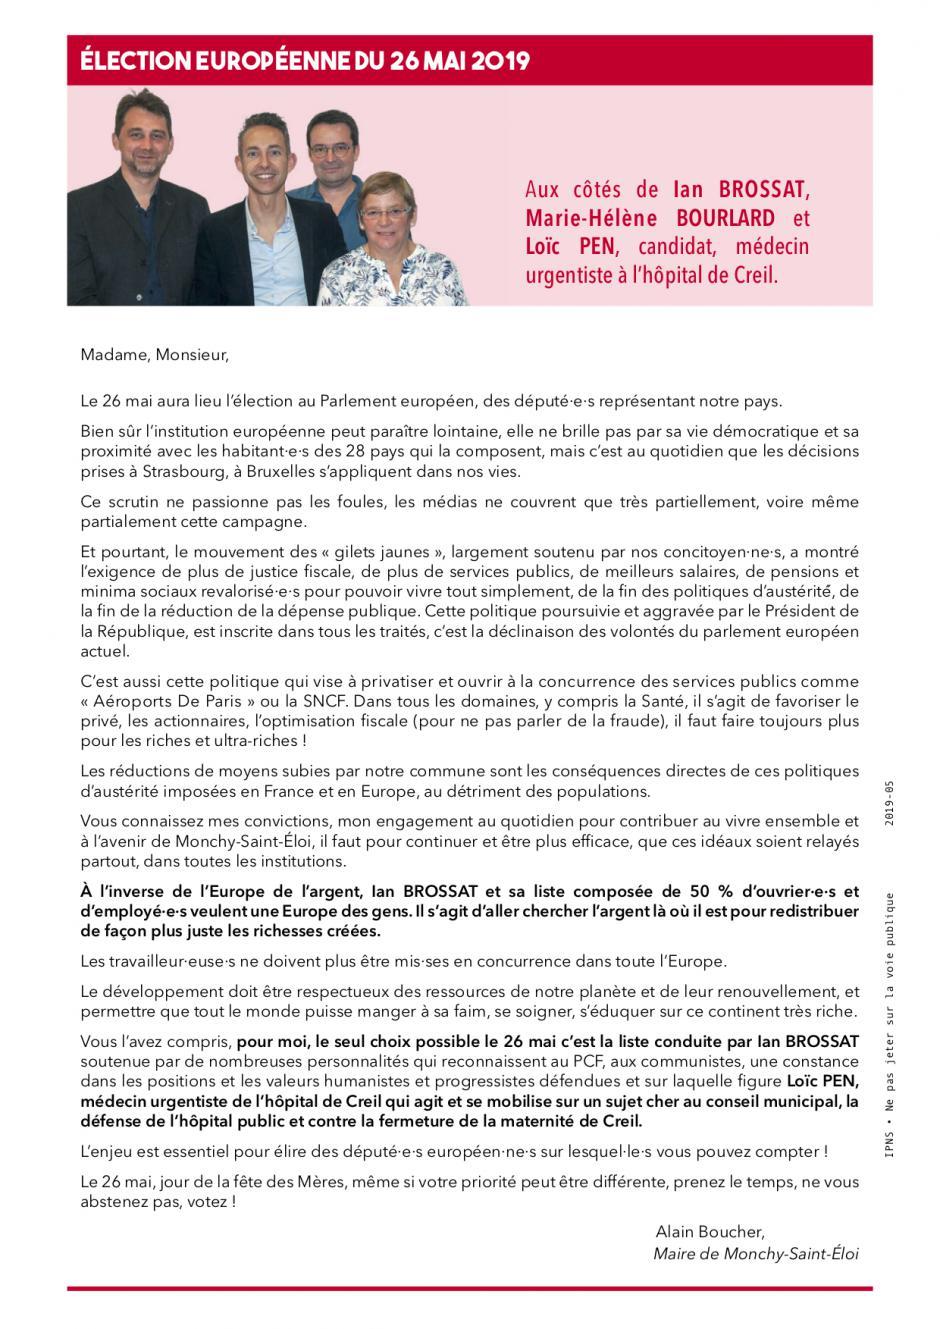 Appel à voter d'Alain Boucher, maire de Monchy-Saint-Éloi, pour la liste conduite par Ian Brossat - Élections européennes, 26 mai 2019